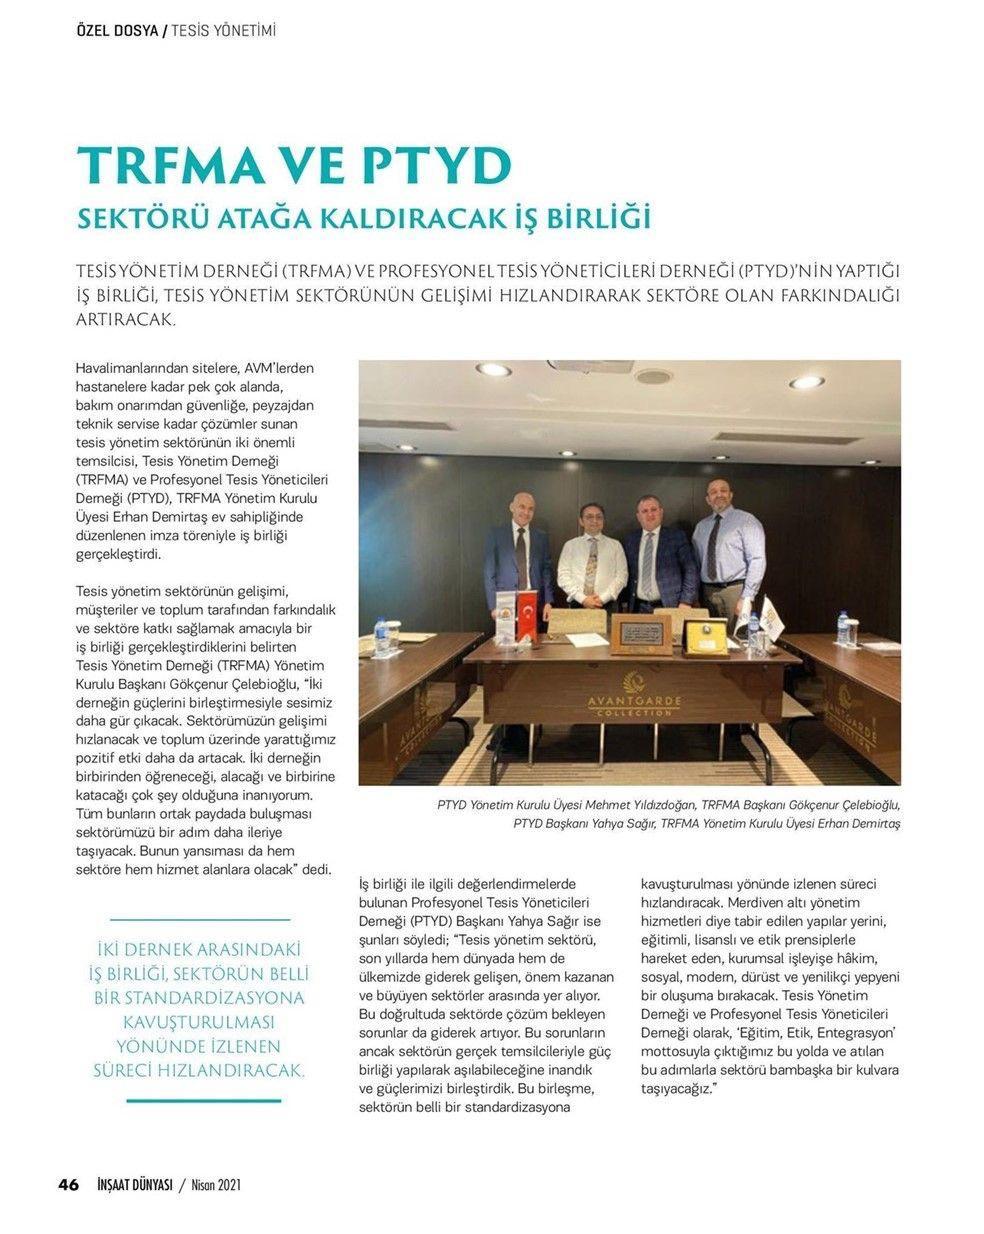 TRFMA ve PTYD iş birliği